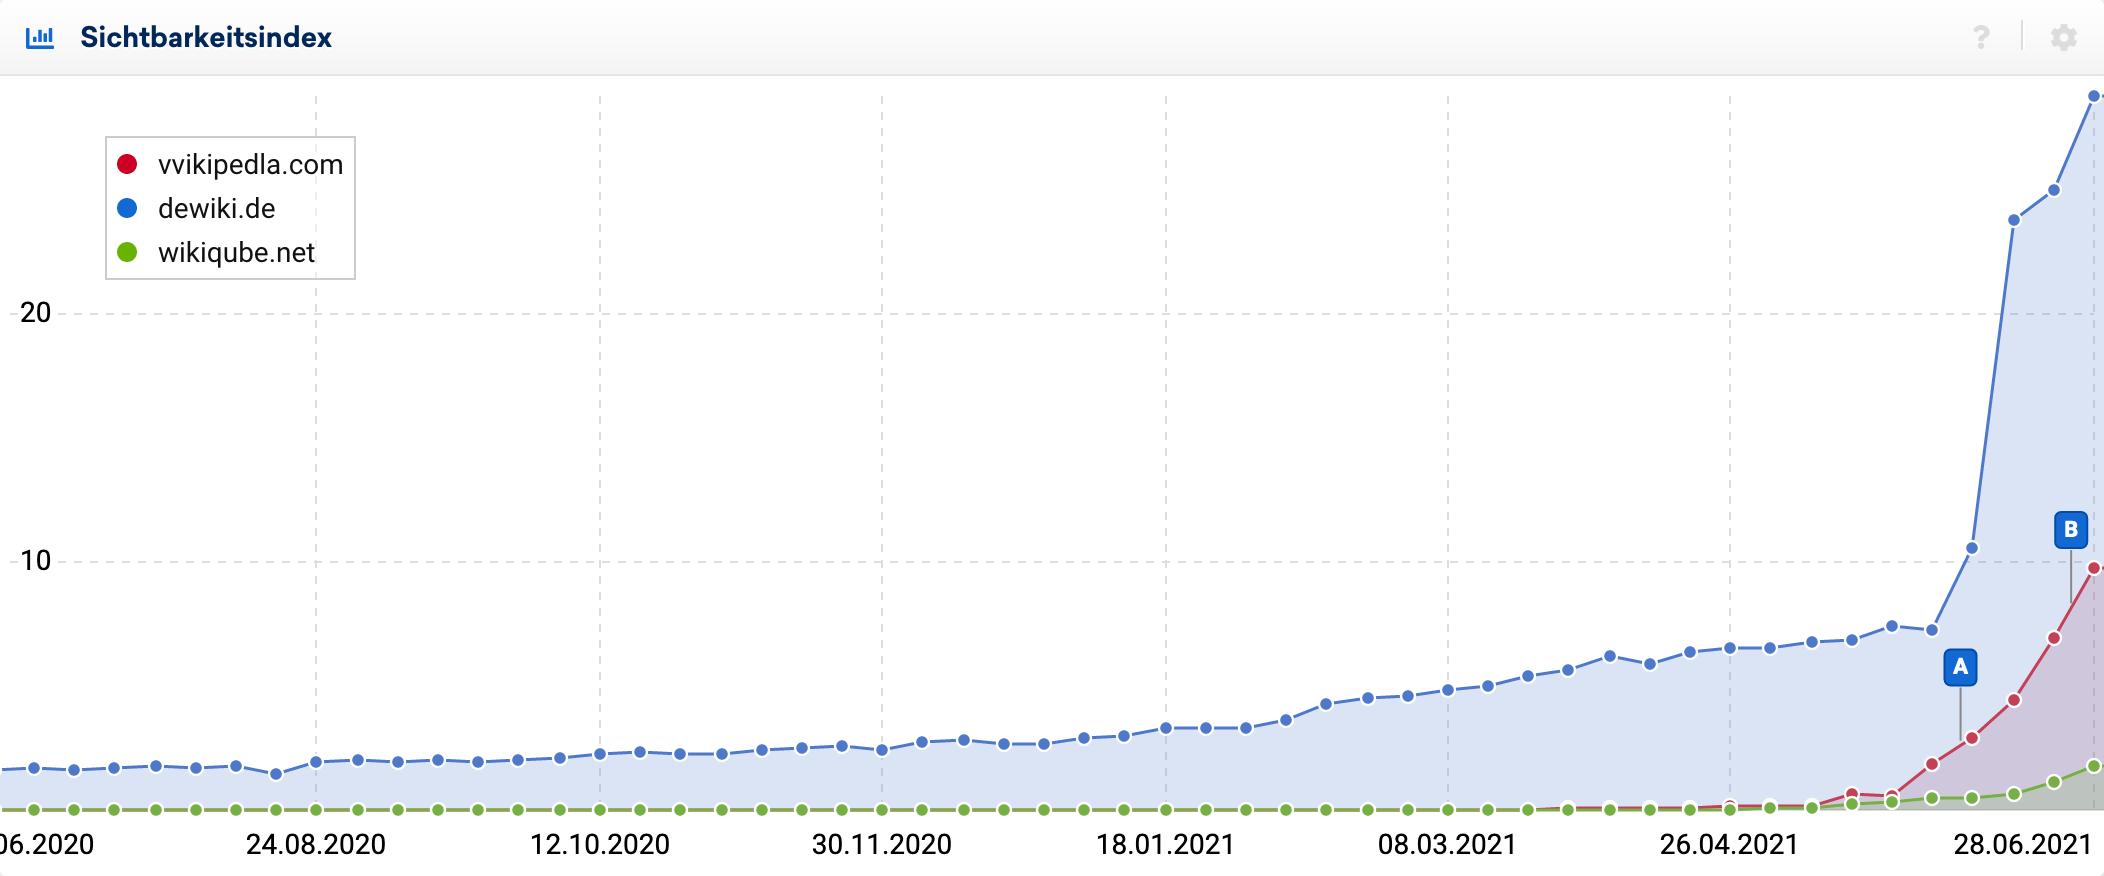 Der Aufstieg der Wikipedia Klone